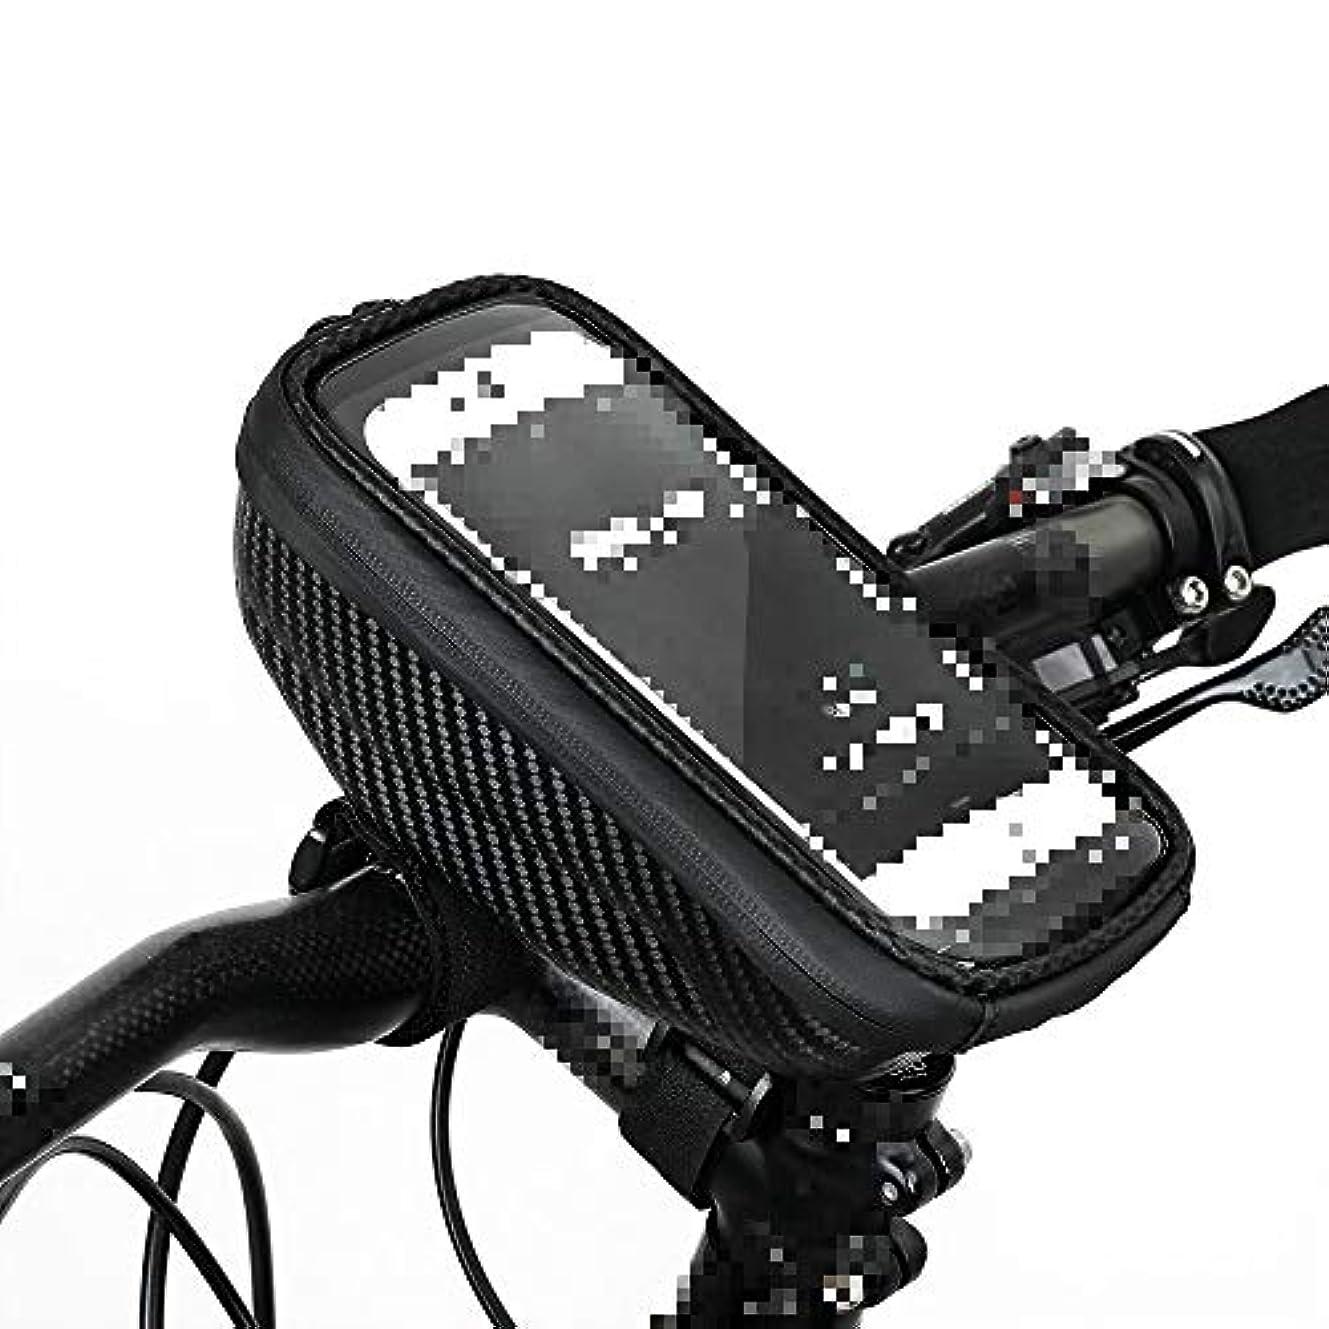 する必要がある貝殻高める防水6.5インチ電話ホルダーハードシェルバイクバッグ耐震性バイクトップチューブバッグハンドルバーバッグ自転車アクセサリーブラック/ 1個